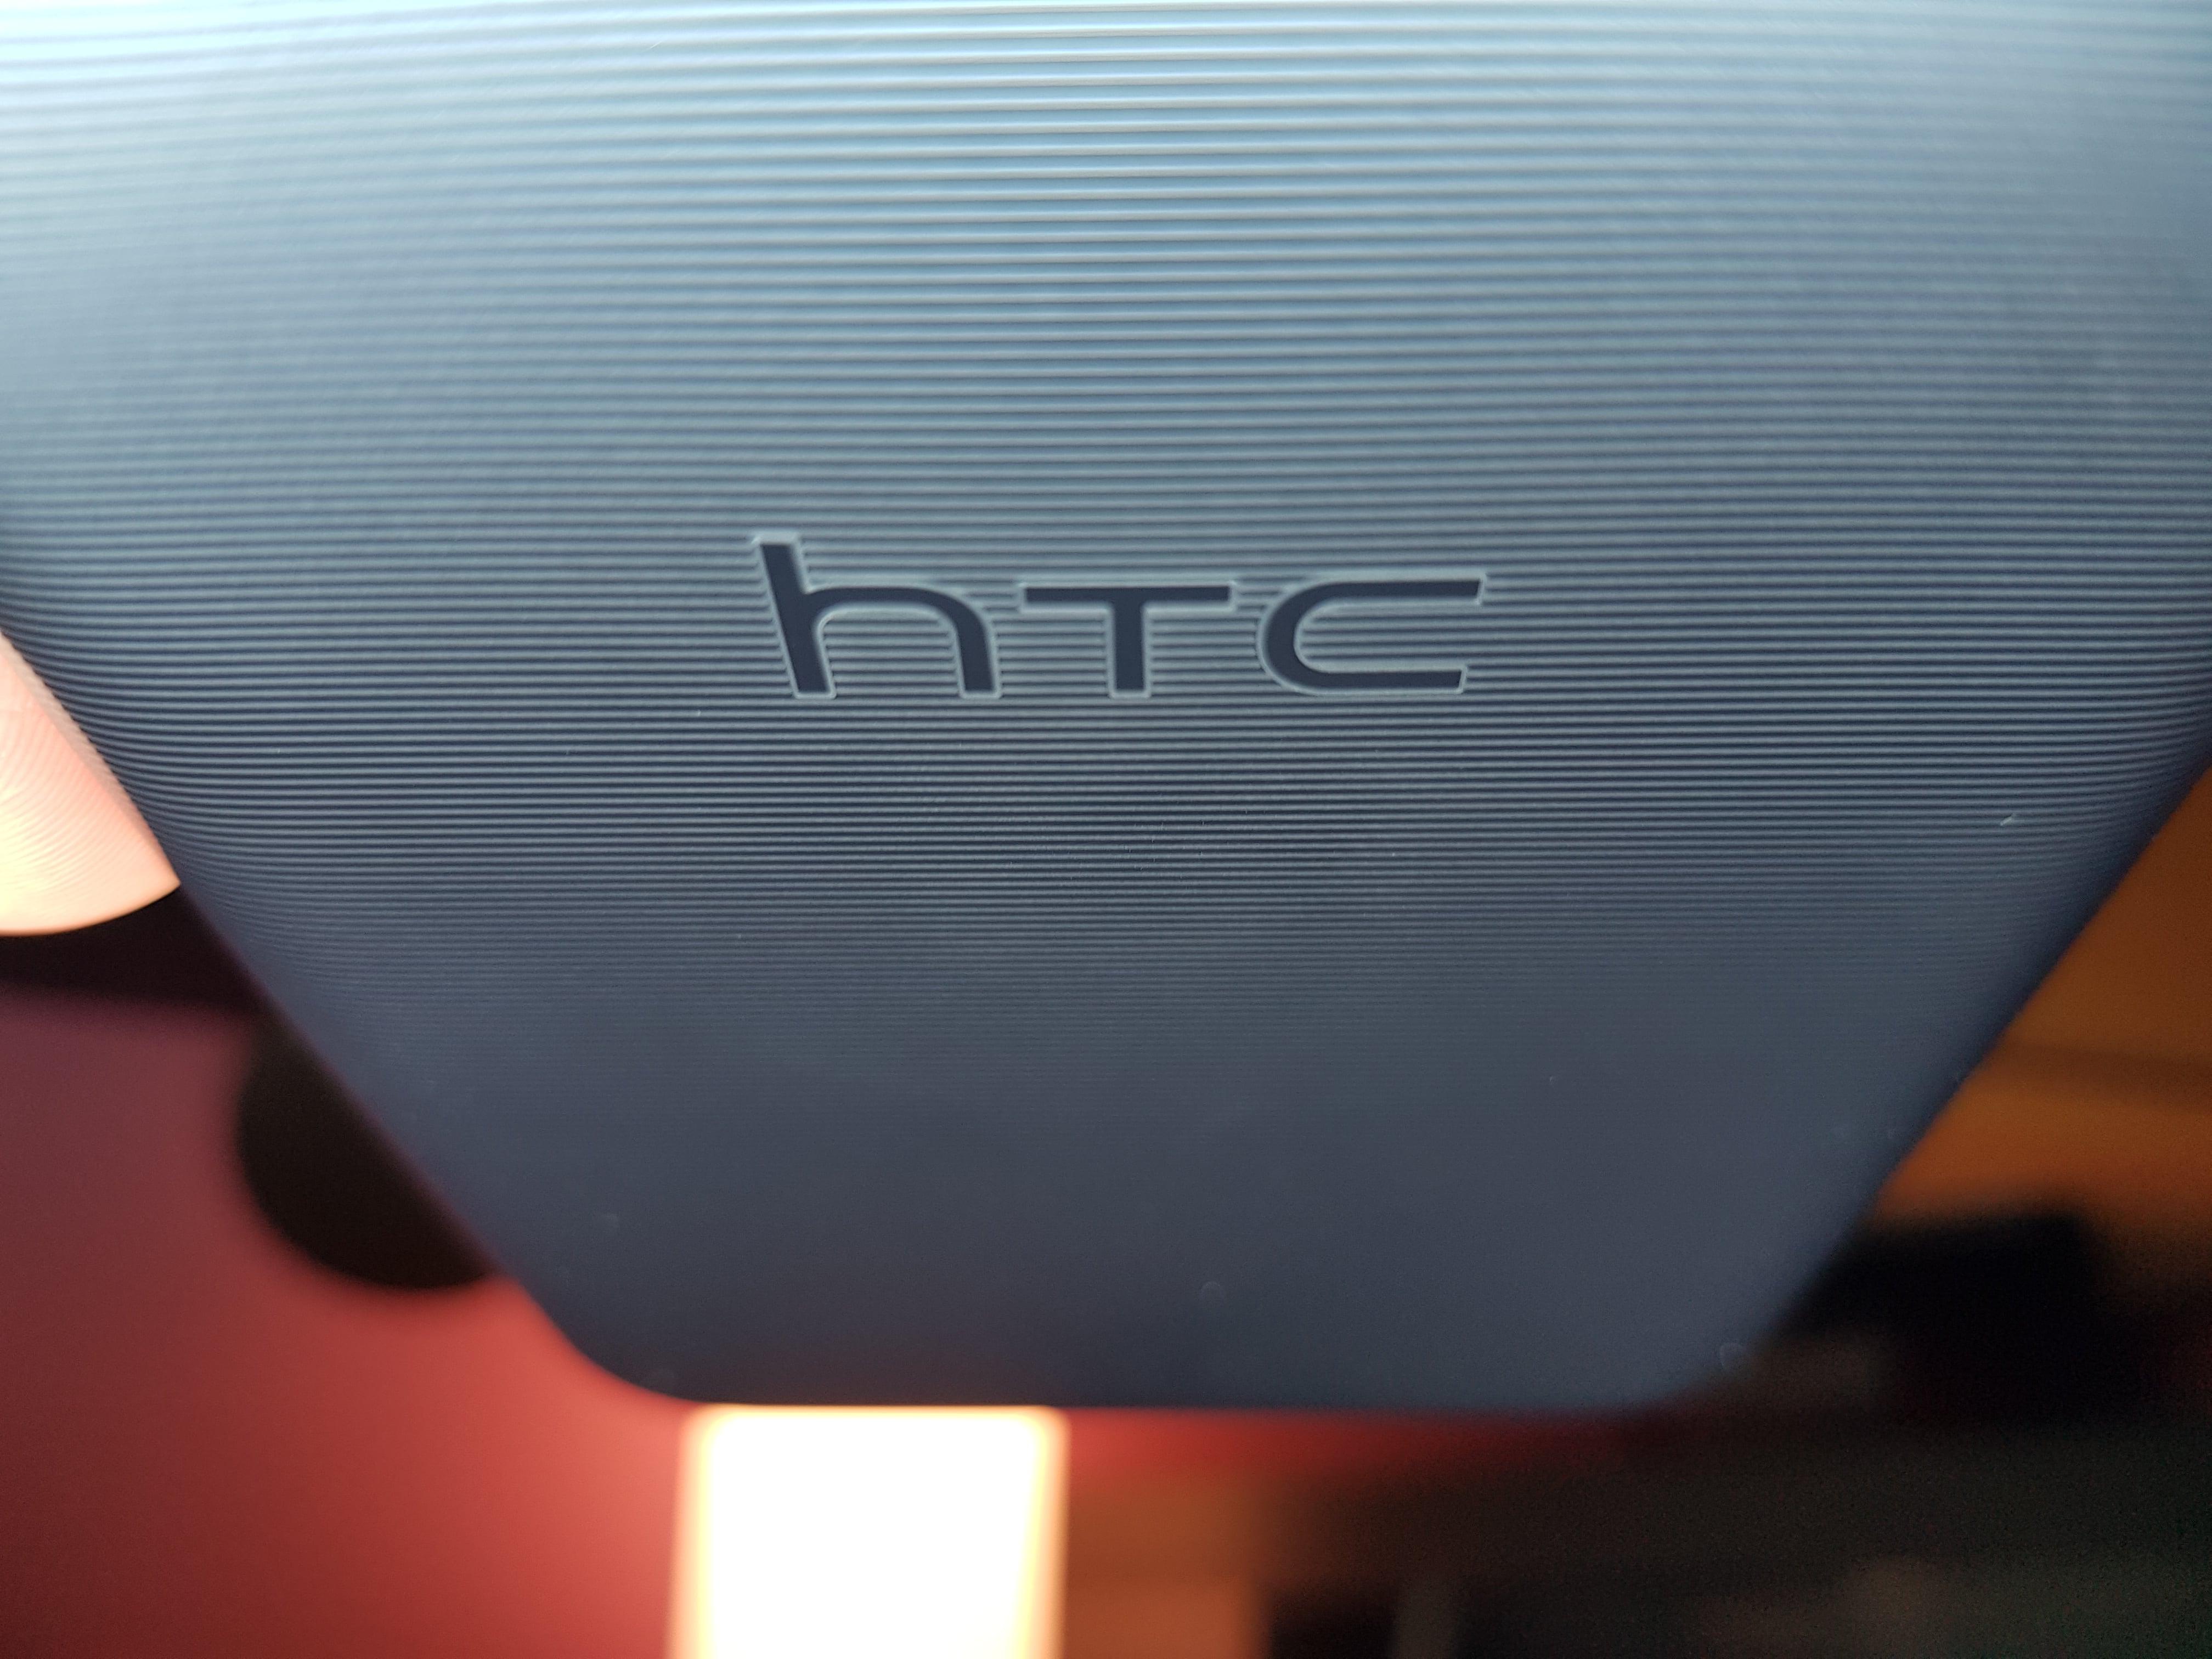 Gotowi na kolejną odsłonę HTC Wildfire? Nadchodzi HTC Wildfire E2